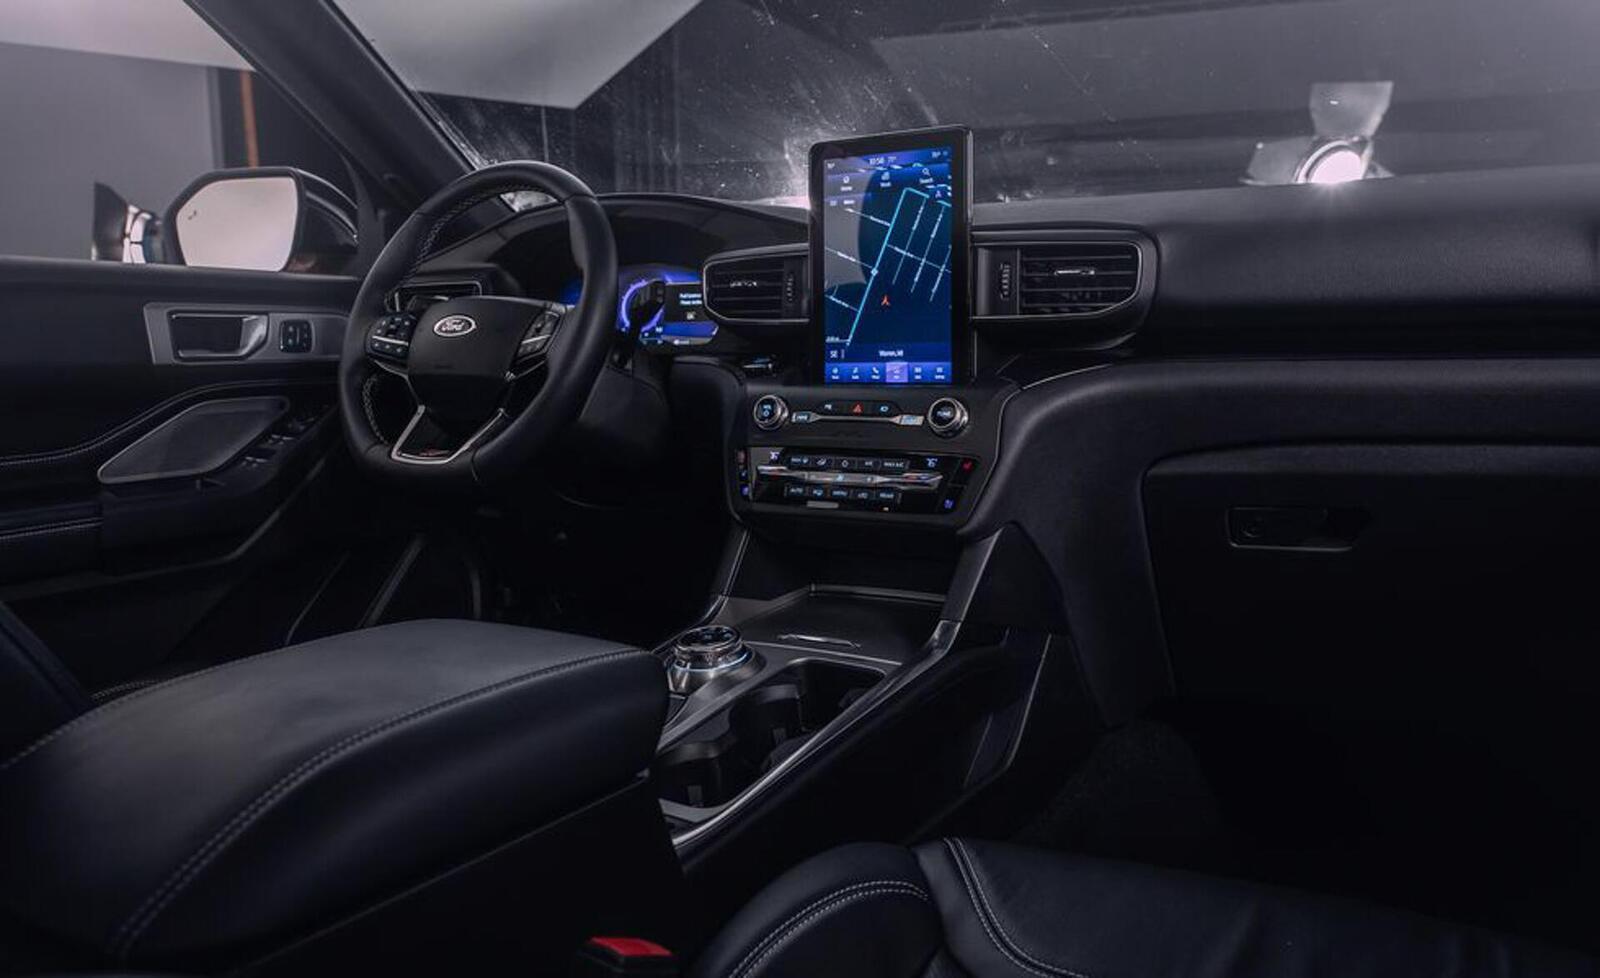 Ford giới thiệu Explorer ST 2020: Phiên bản mạnh nhất lắp máy V6 3.0L tăng áp 400 mã lực - Hình 13